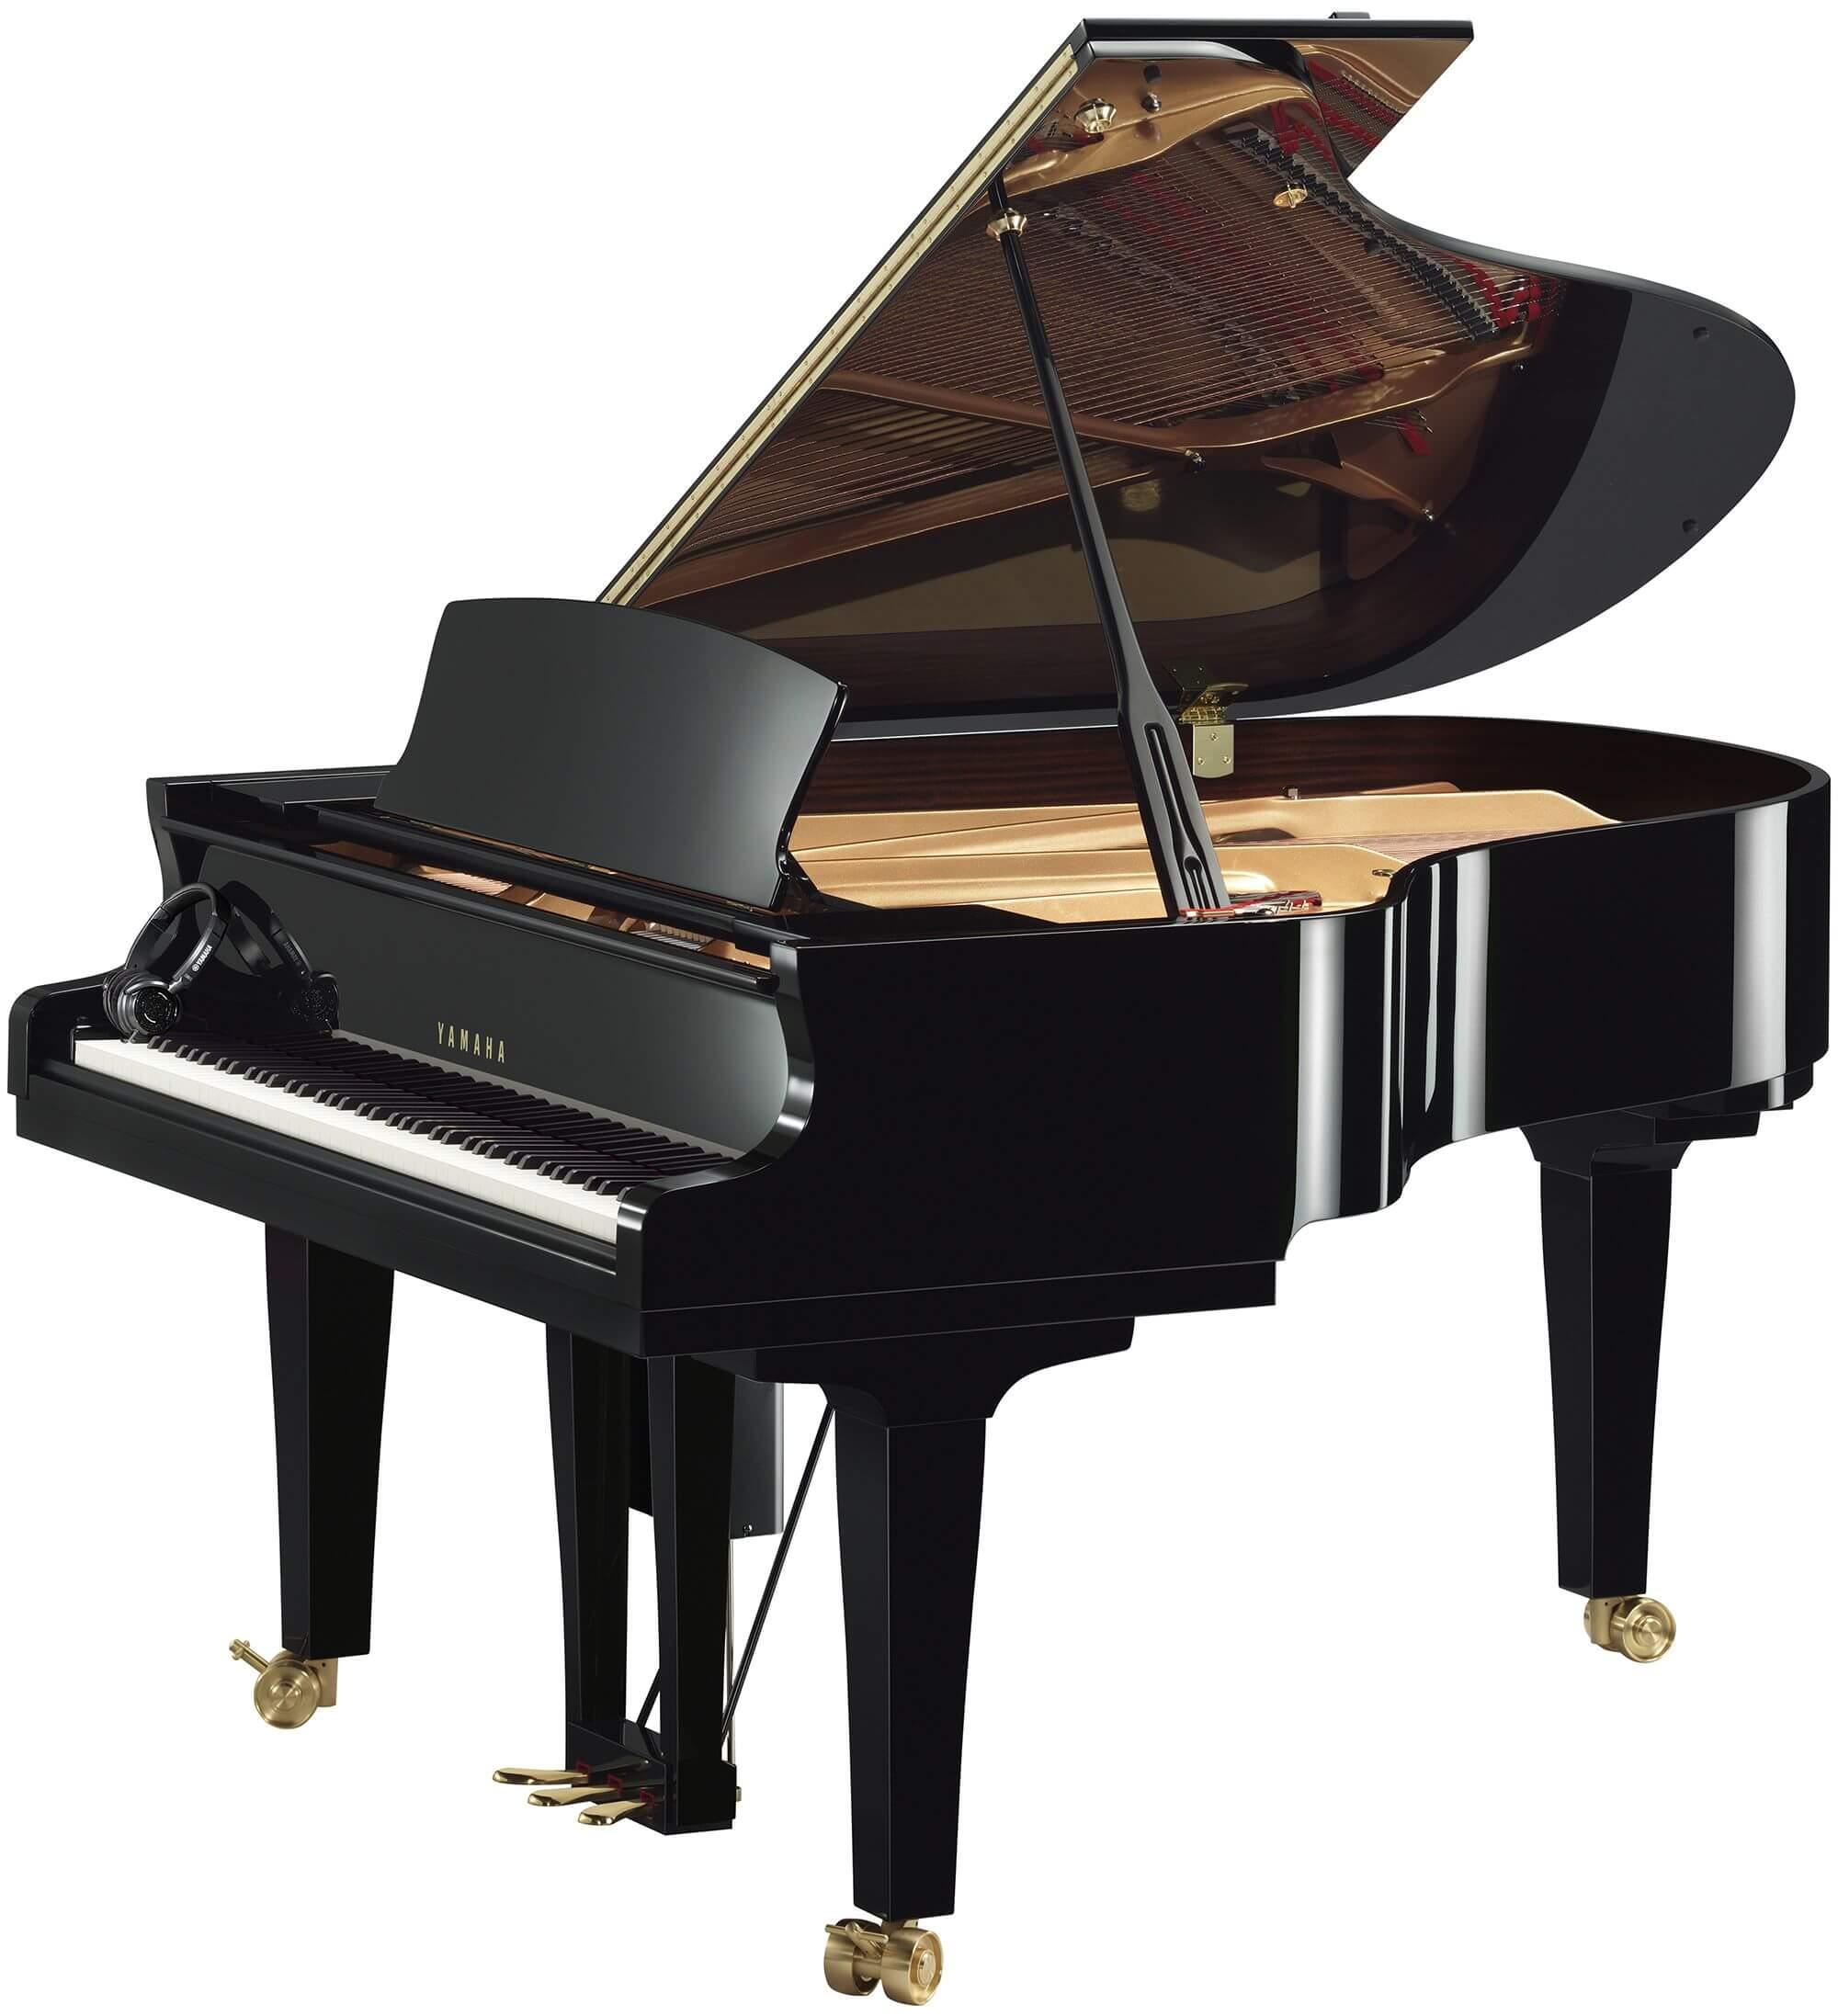 Piano de Cola Disklavier Yamaha S3X ENSPIRE PRO